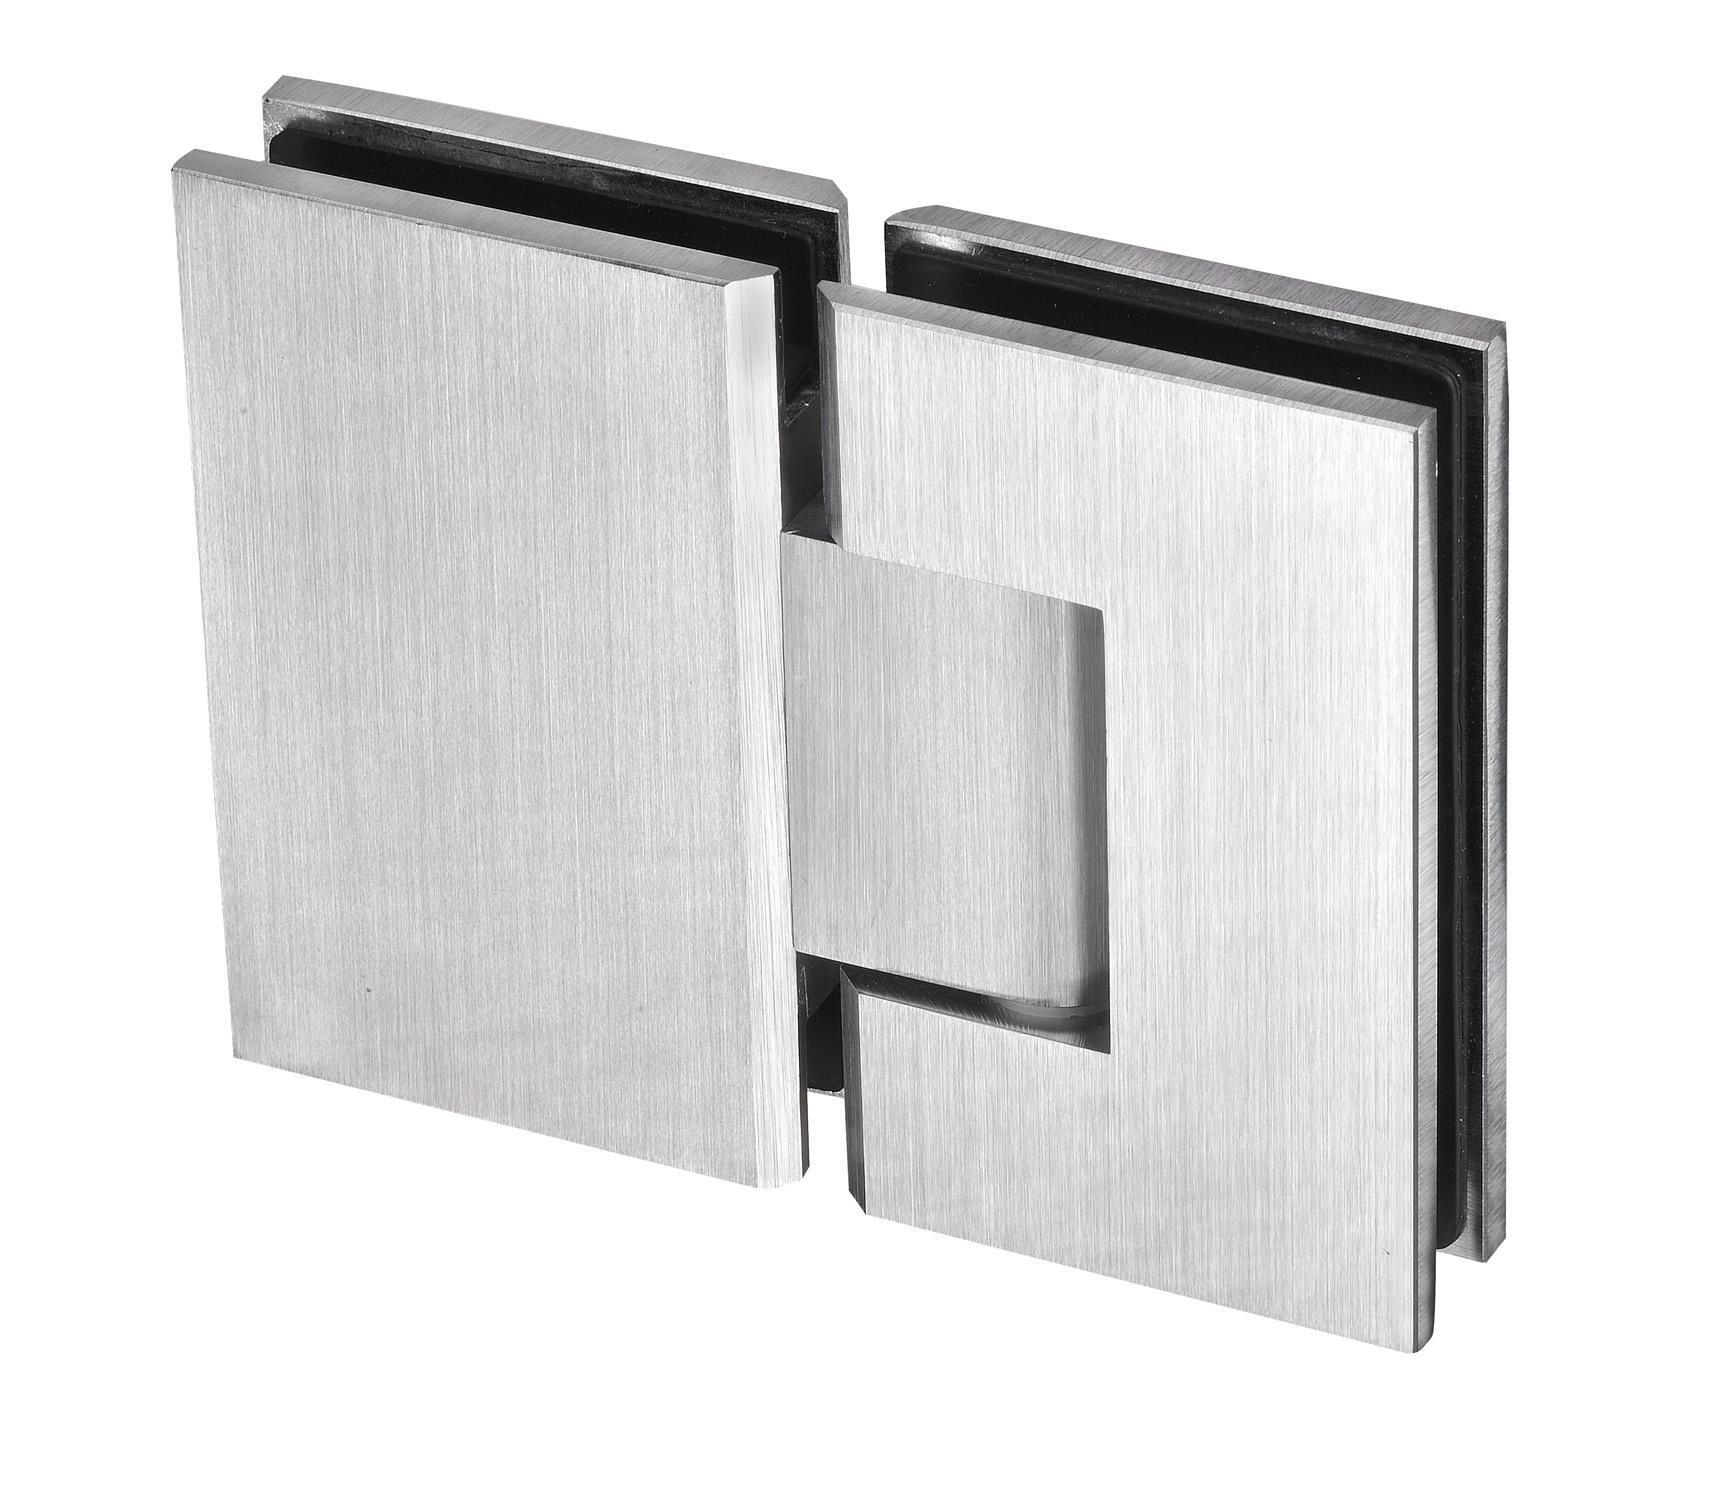 frameless shower hinge satin chrome finish